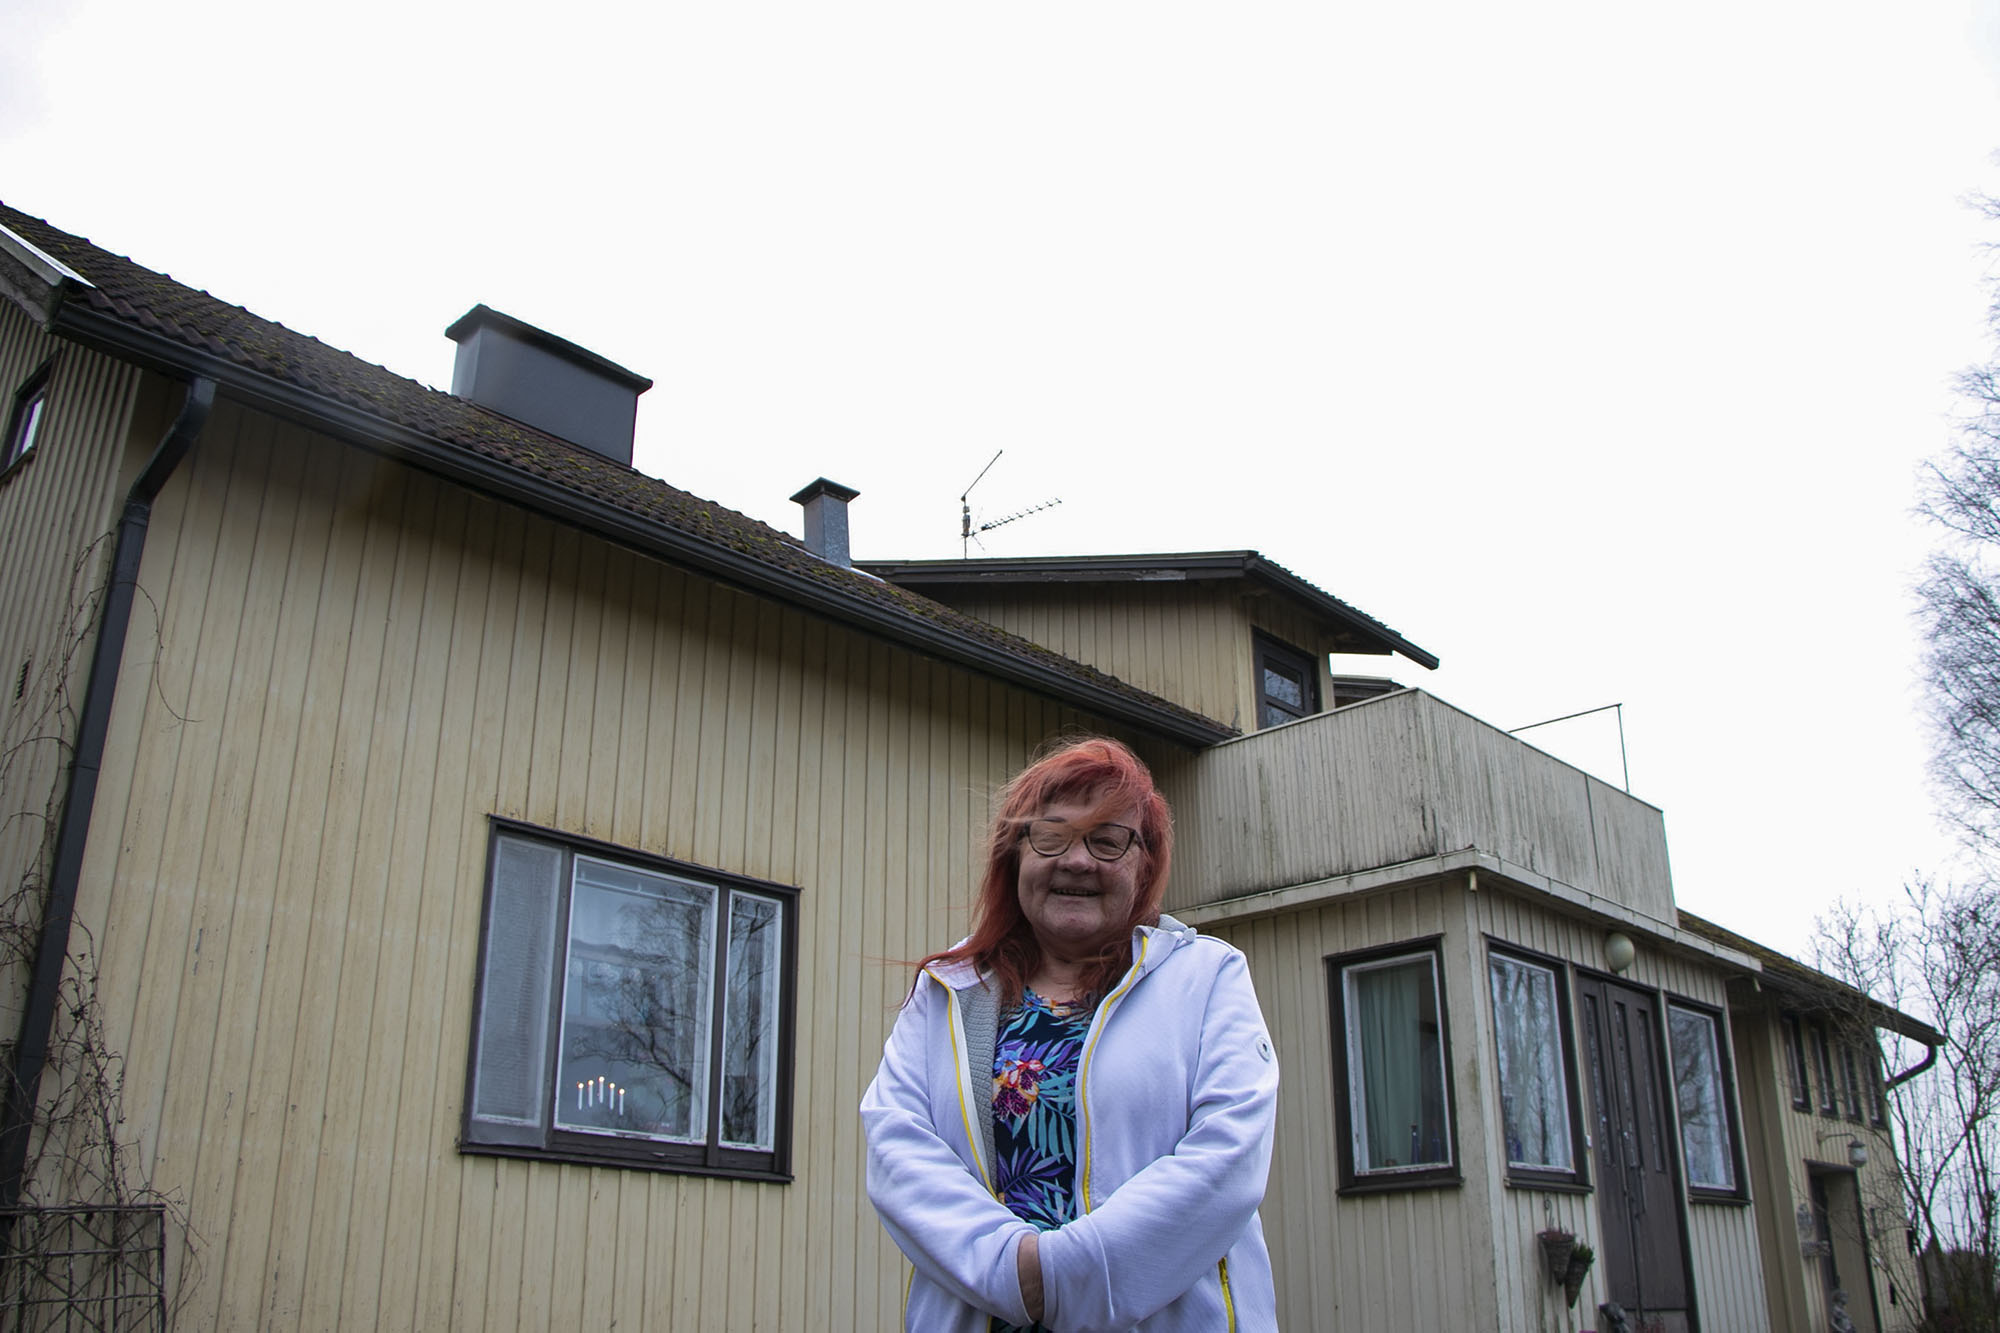 Nainen ulkona talon edessä.